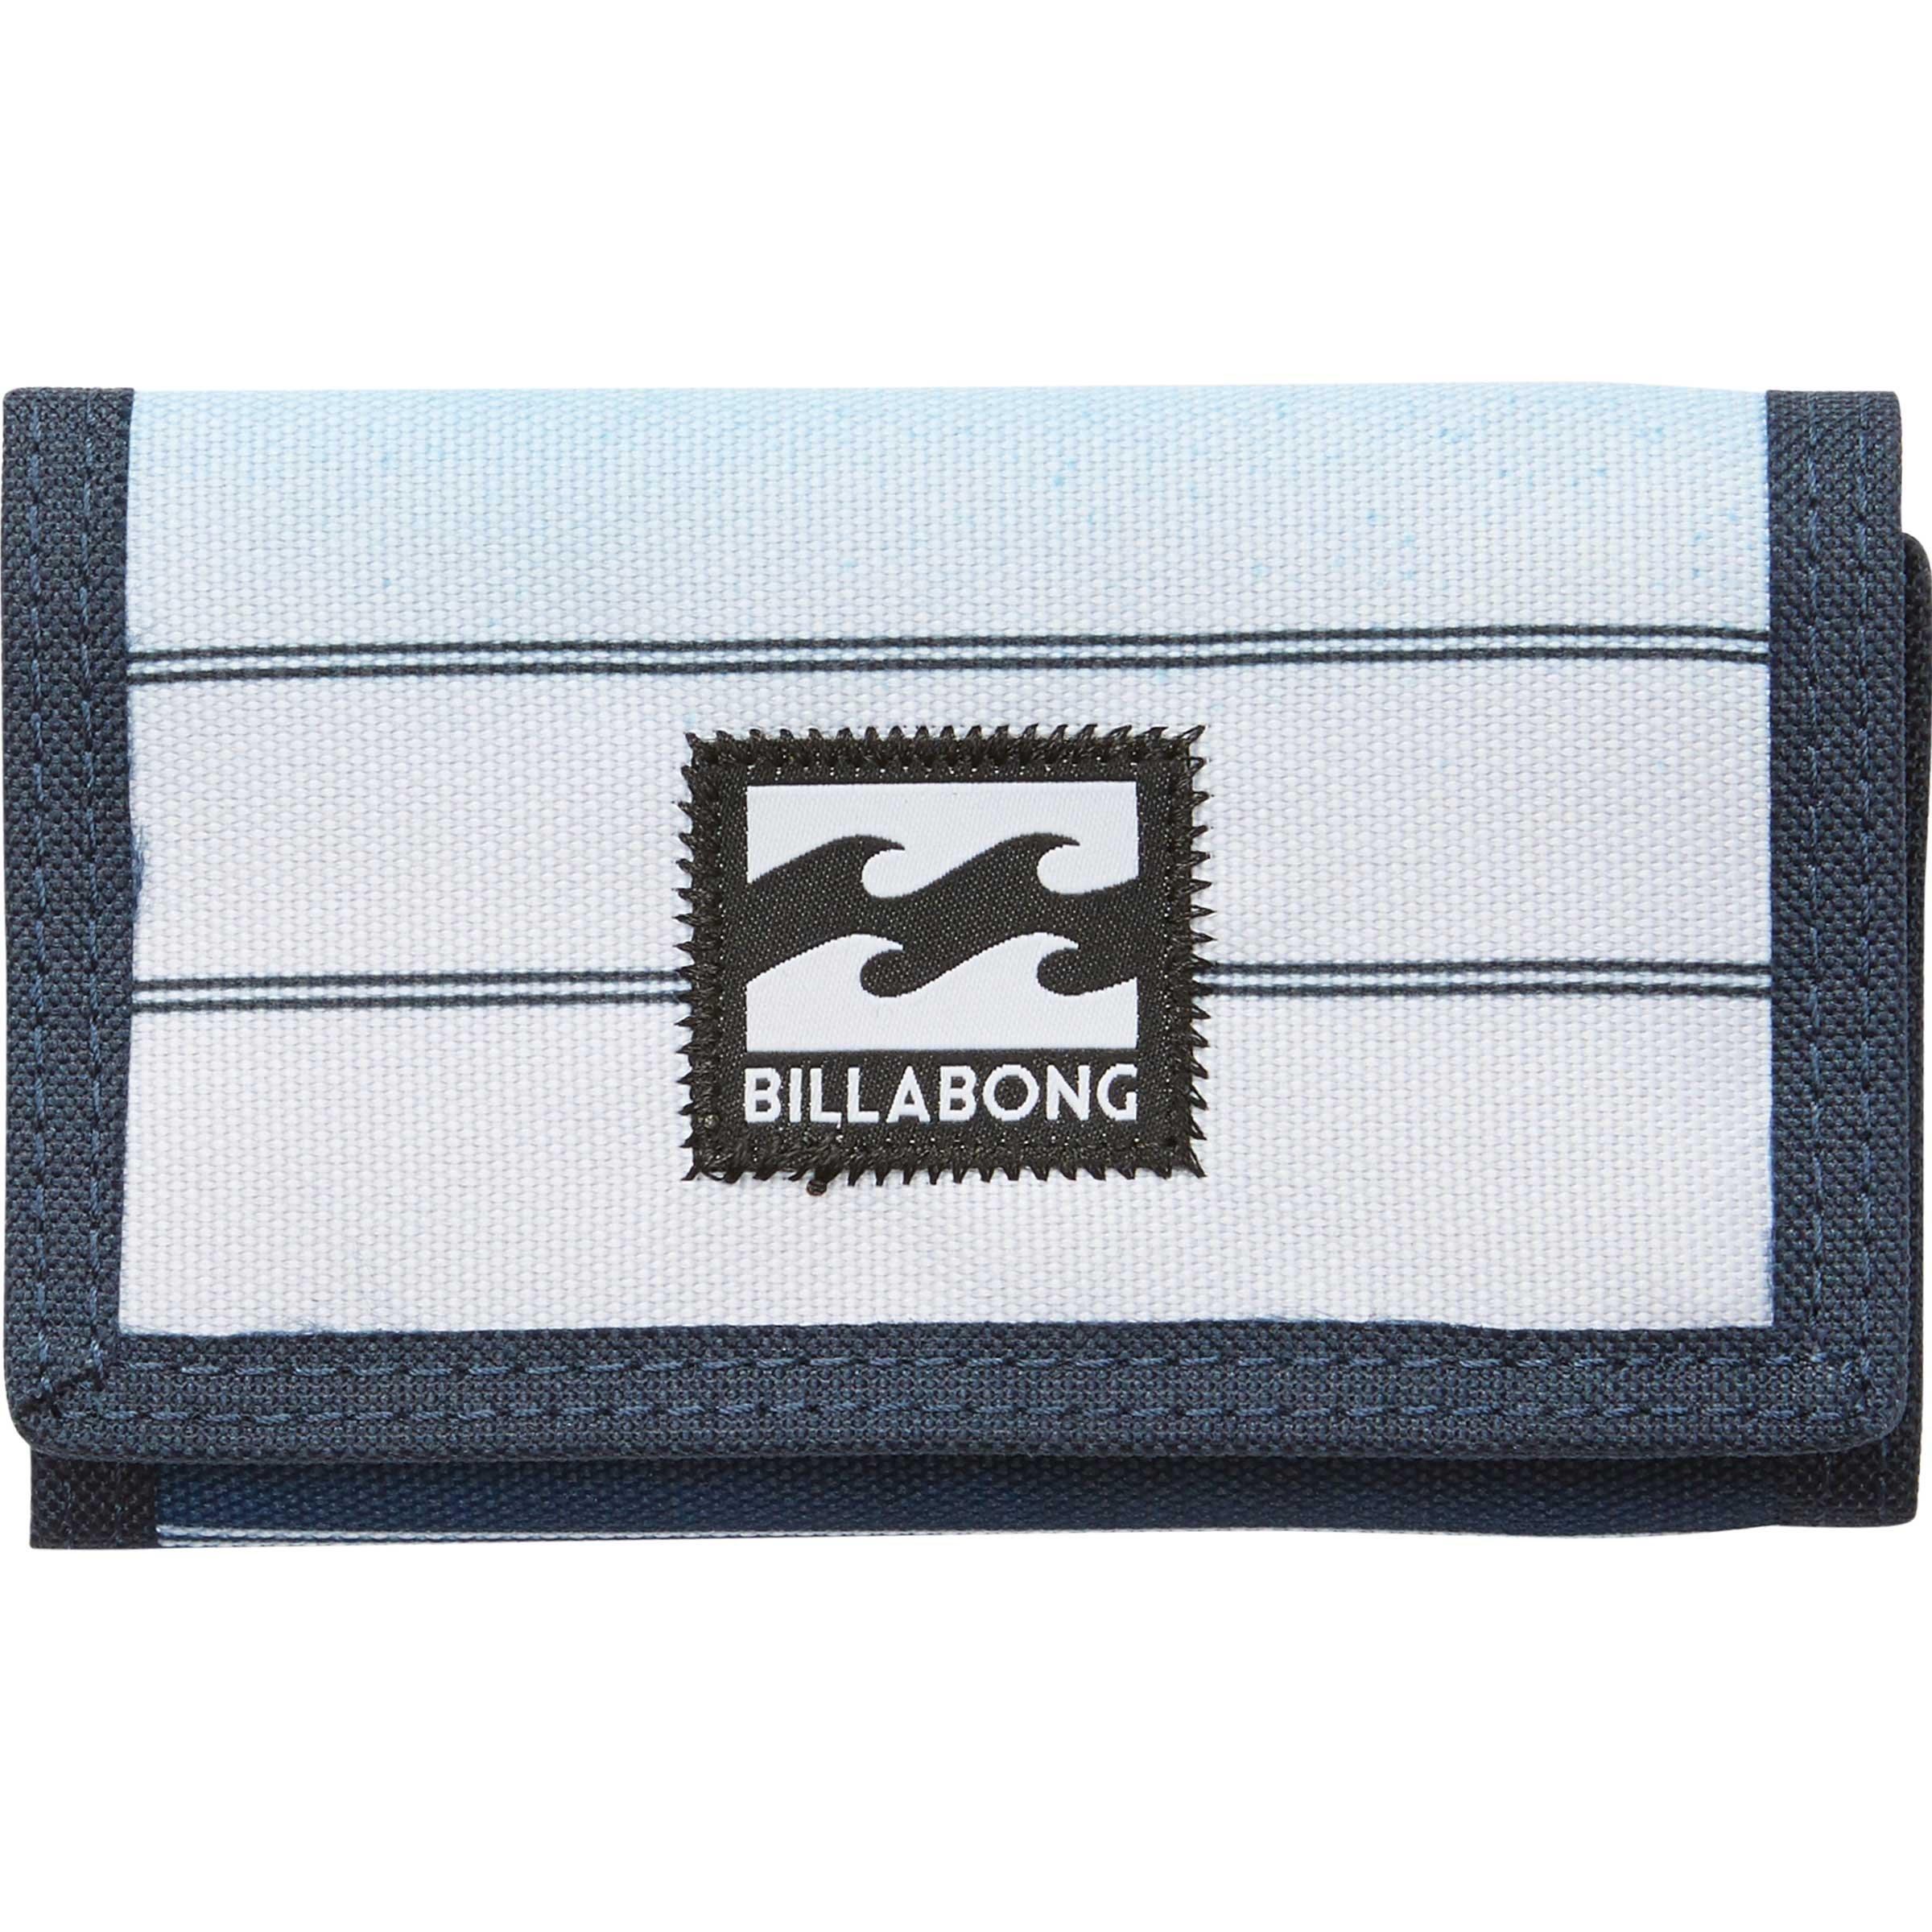 Billabong Men's Atom Wallet, Blue, One